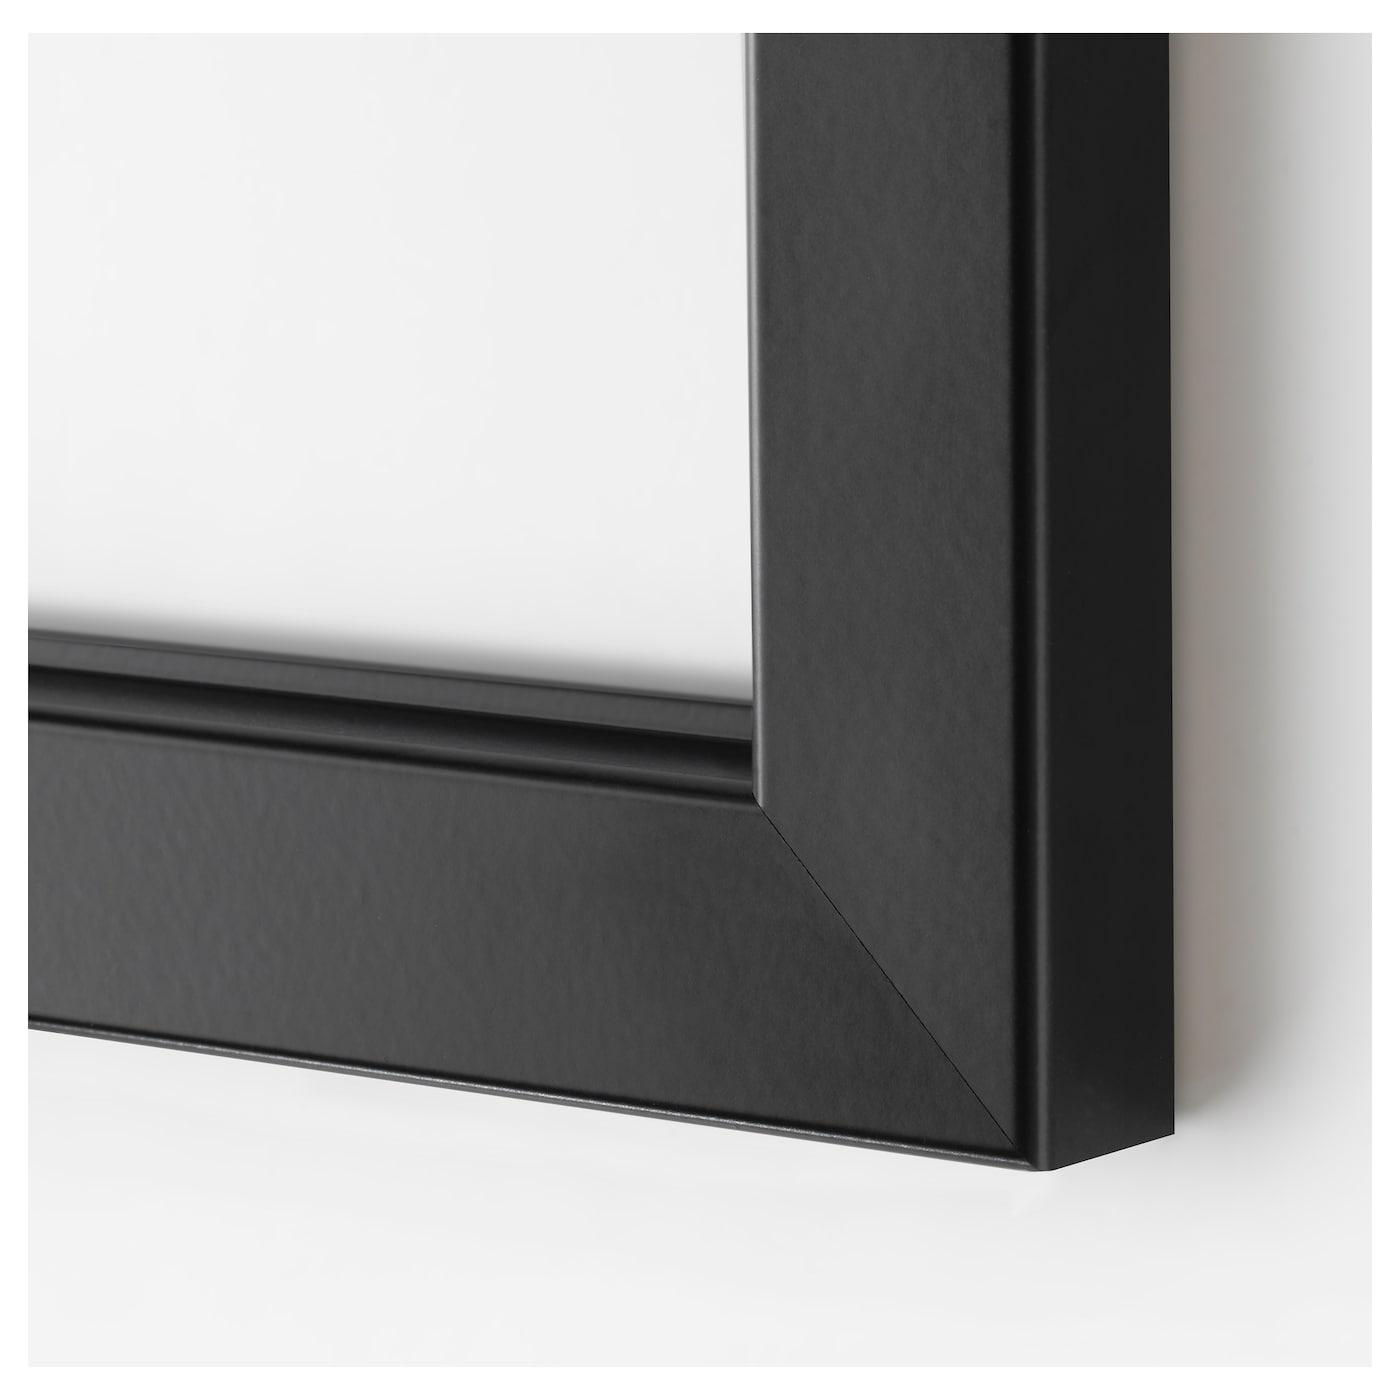 Cadre Photo Sur Pied Ikea bjÖrksta cadre - noir 78x118 cm